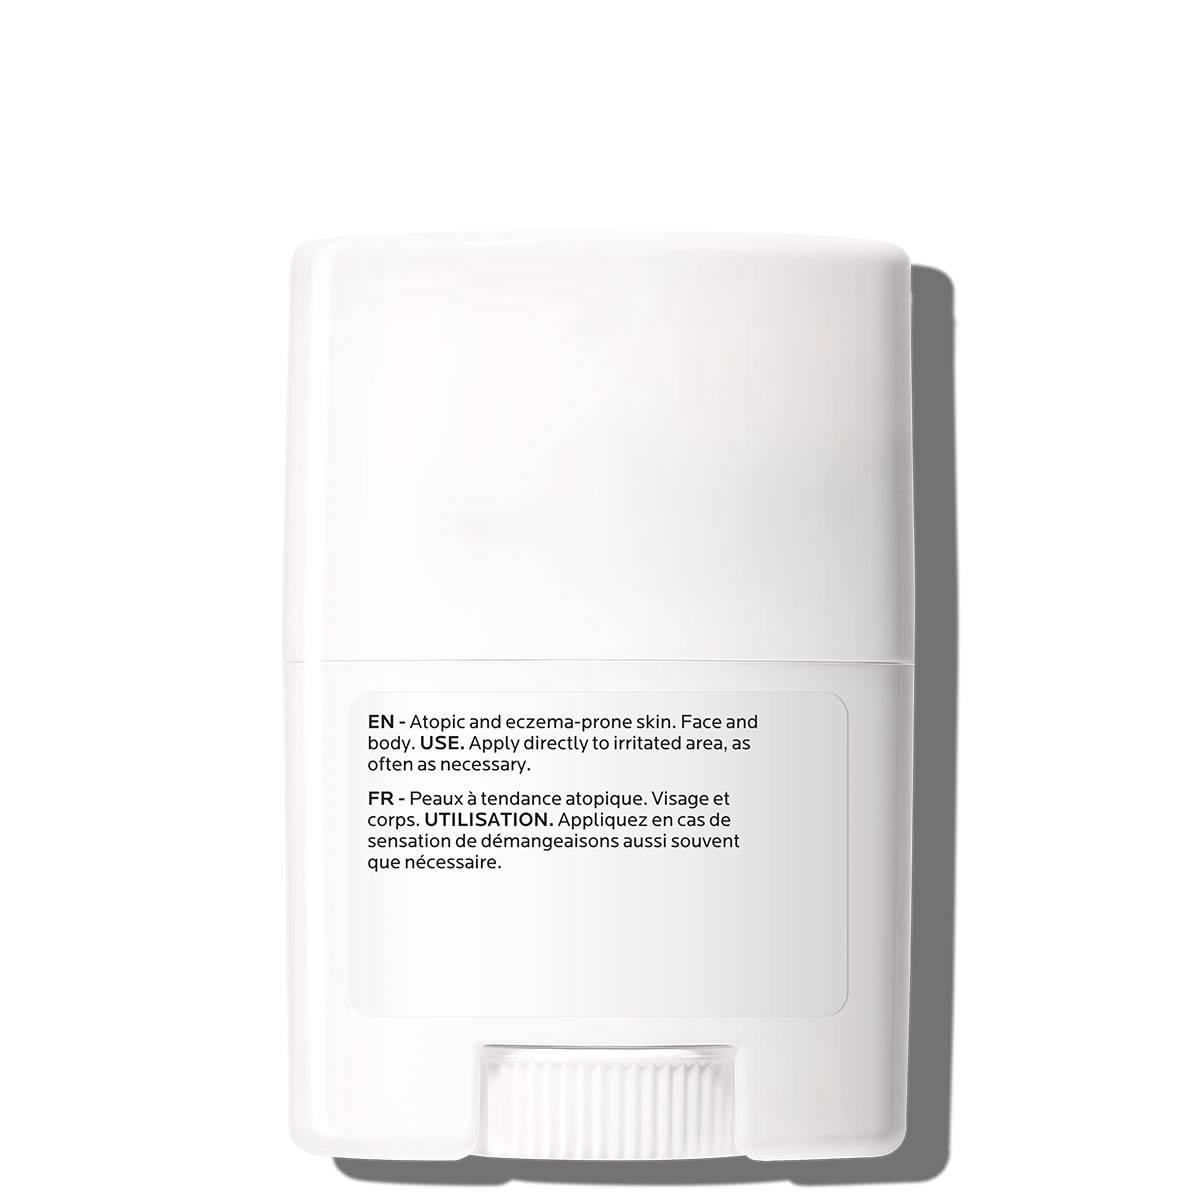 Balsam w sztyfcie LIPIKAR STICK AP+ 15 ml Przód | La Roche Posay